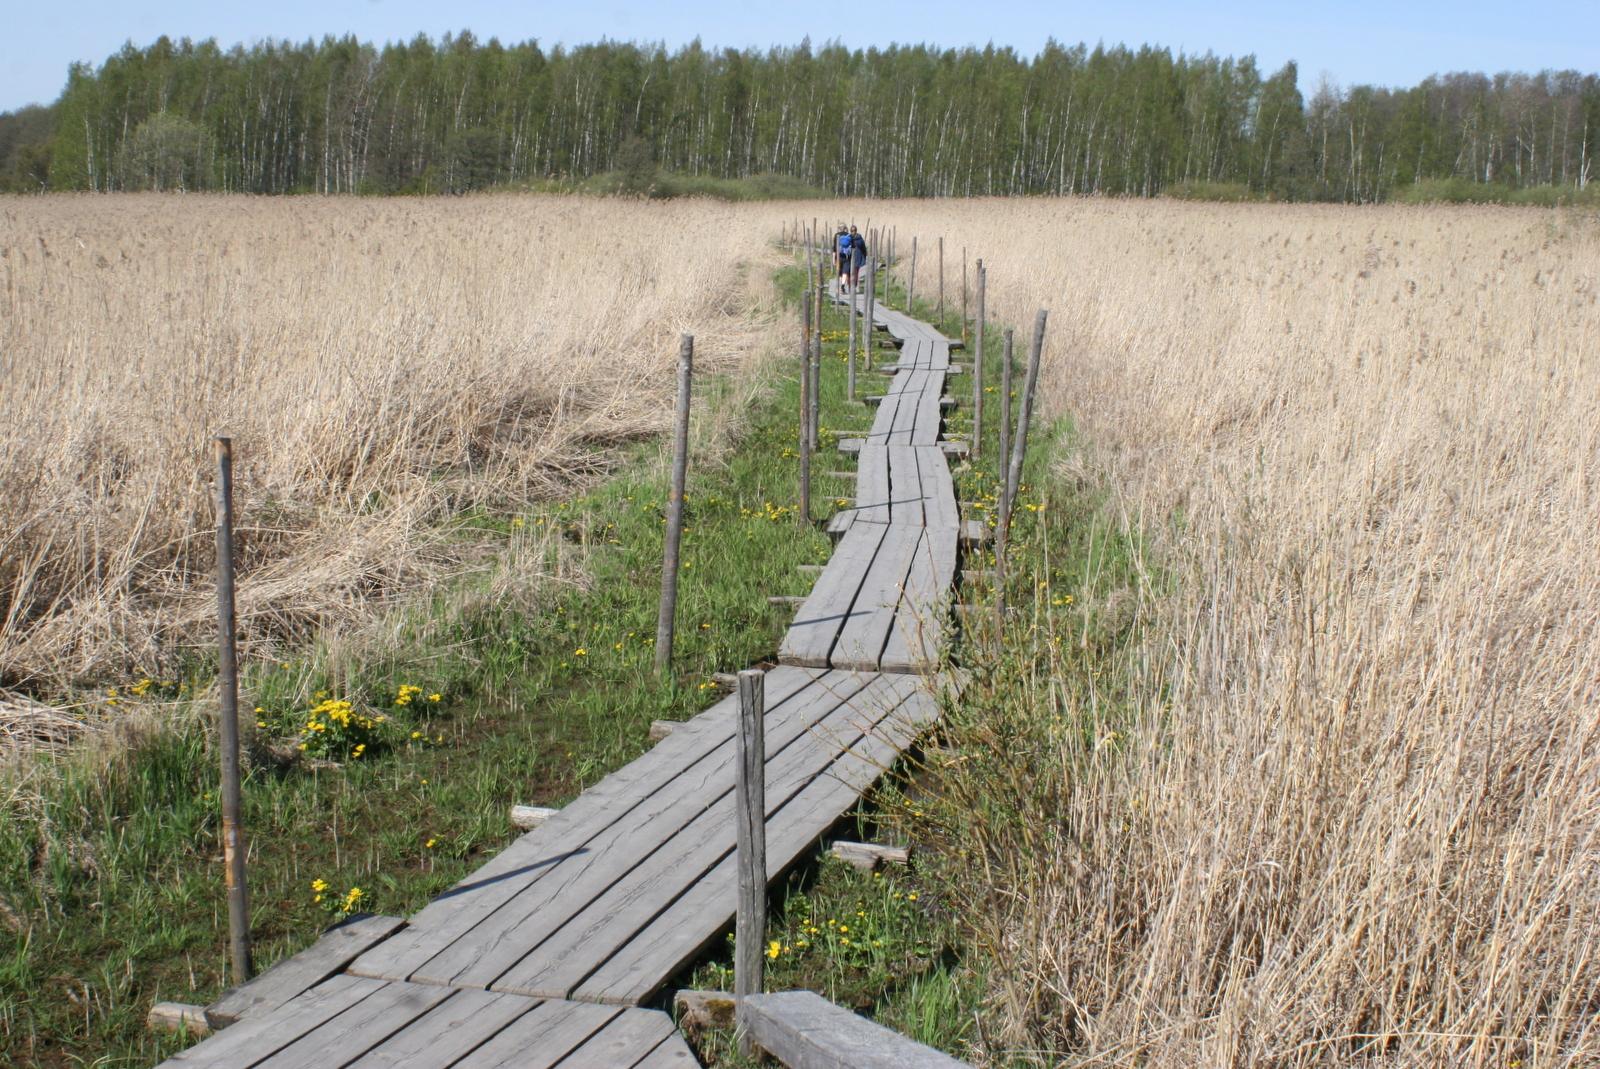 Lammassaari. Toukokuussa maisemassa törröttävät edellisvuotiset kaislat. Myöhemmin kesällä näkymä muuttuu toisenlaiseksi.